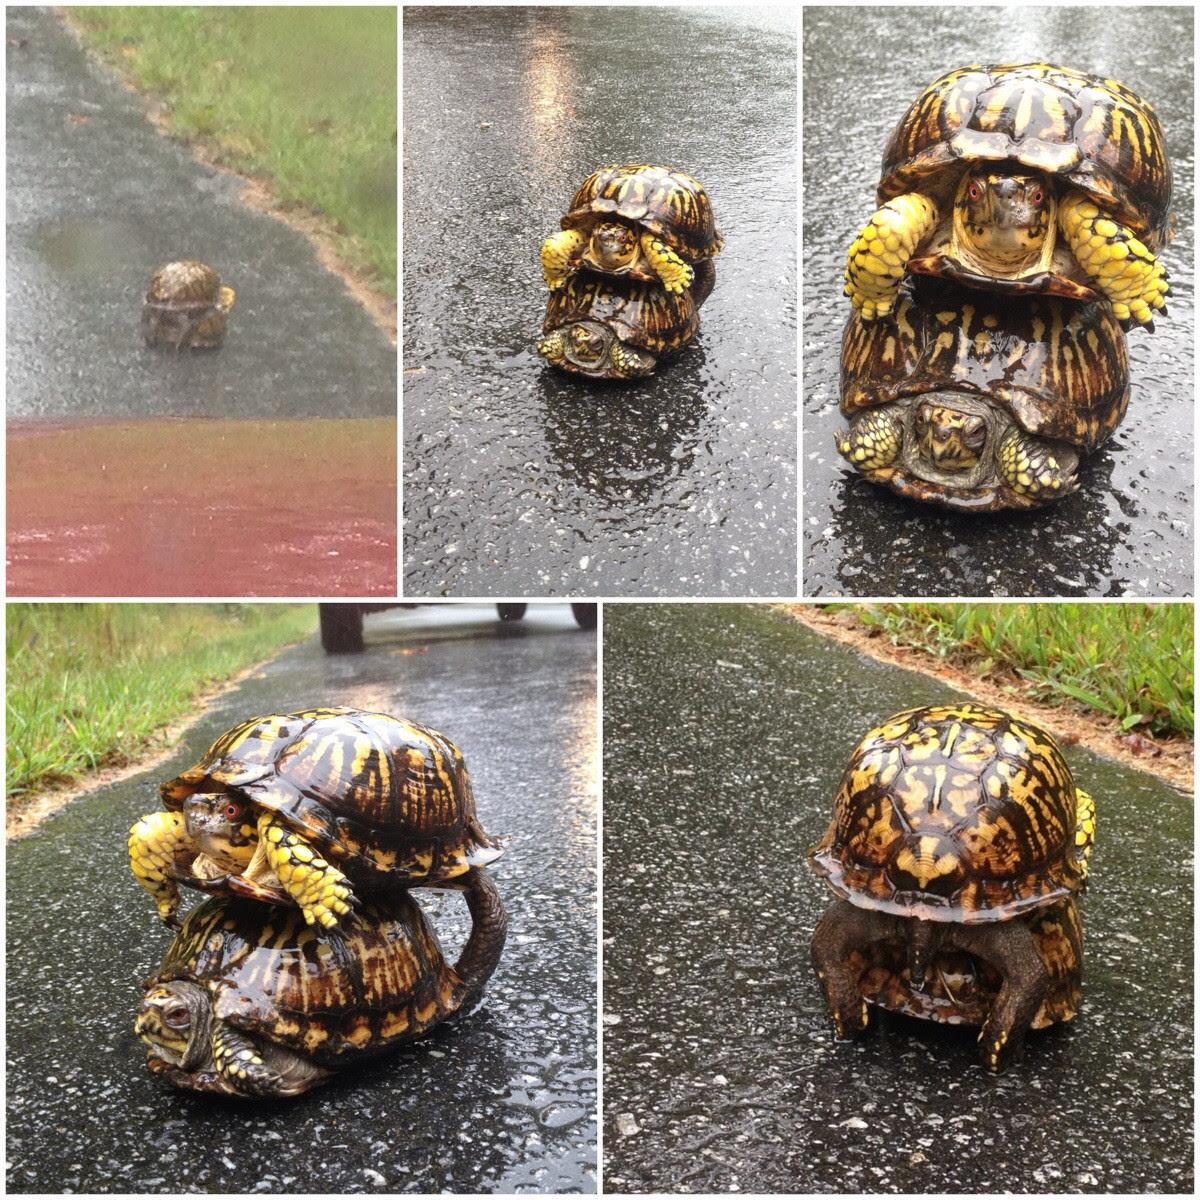 Rainy Day Slowpoke Funny